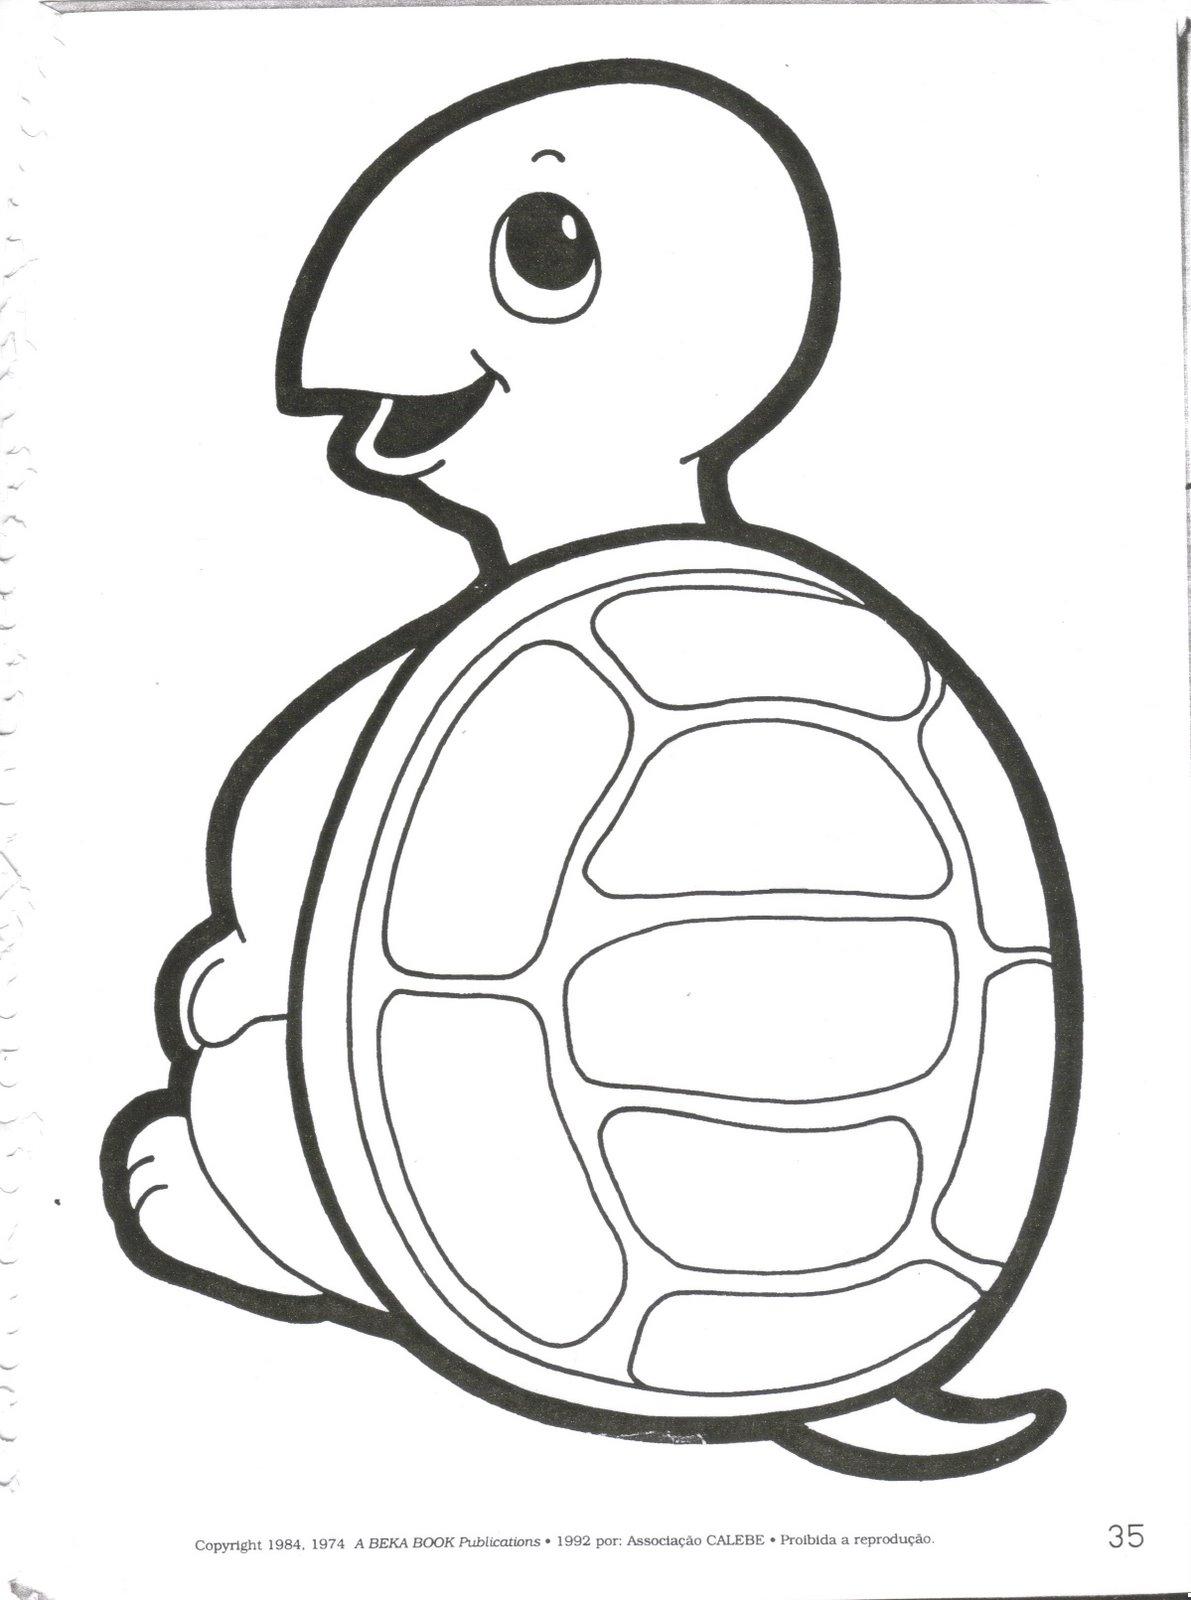 Pin animali da colorare marini colorate ritagliare on for Animali marini da disegnare